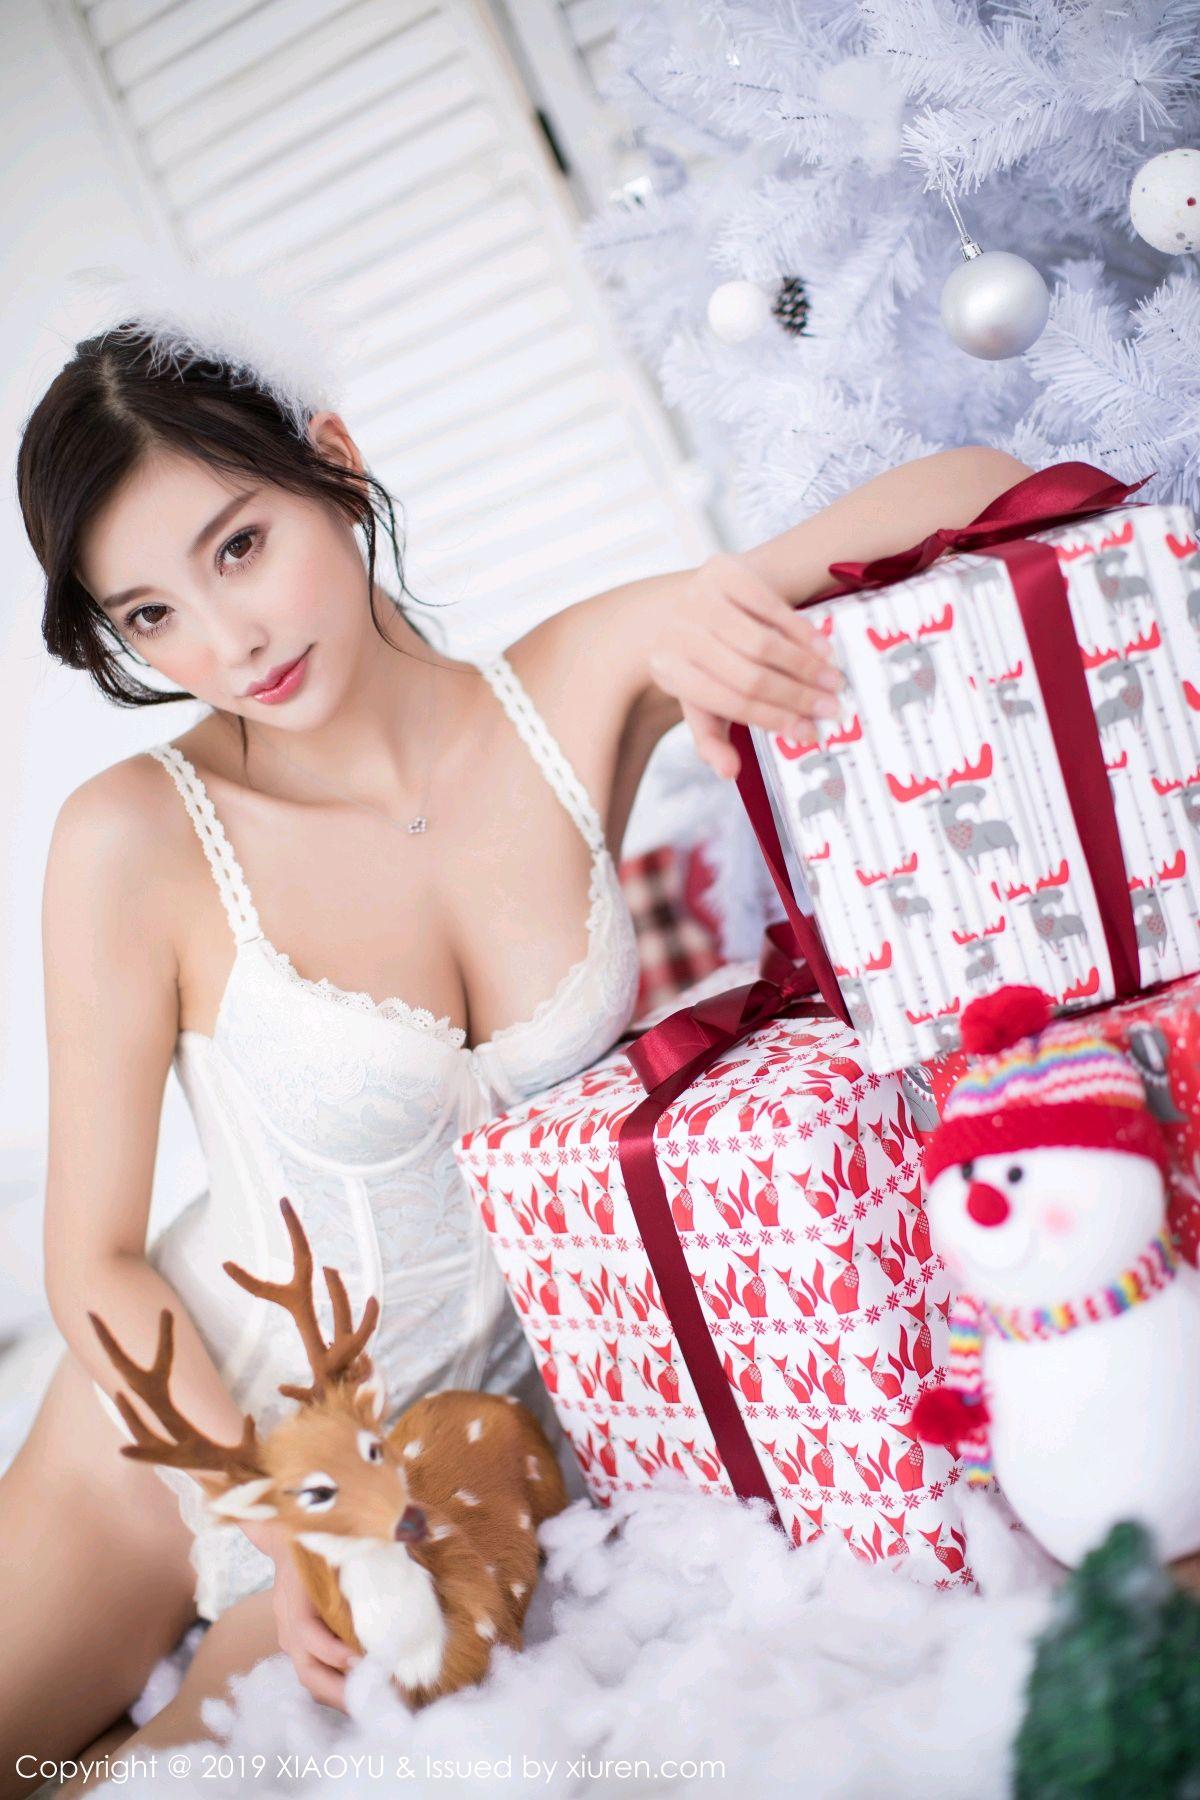 [XiaoYu] Vol.059 Christmas Theme 22P, Christmas, Underwear, XiaoYu, Yang Chen Chen